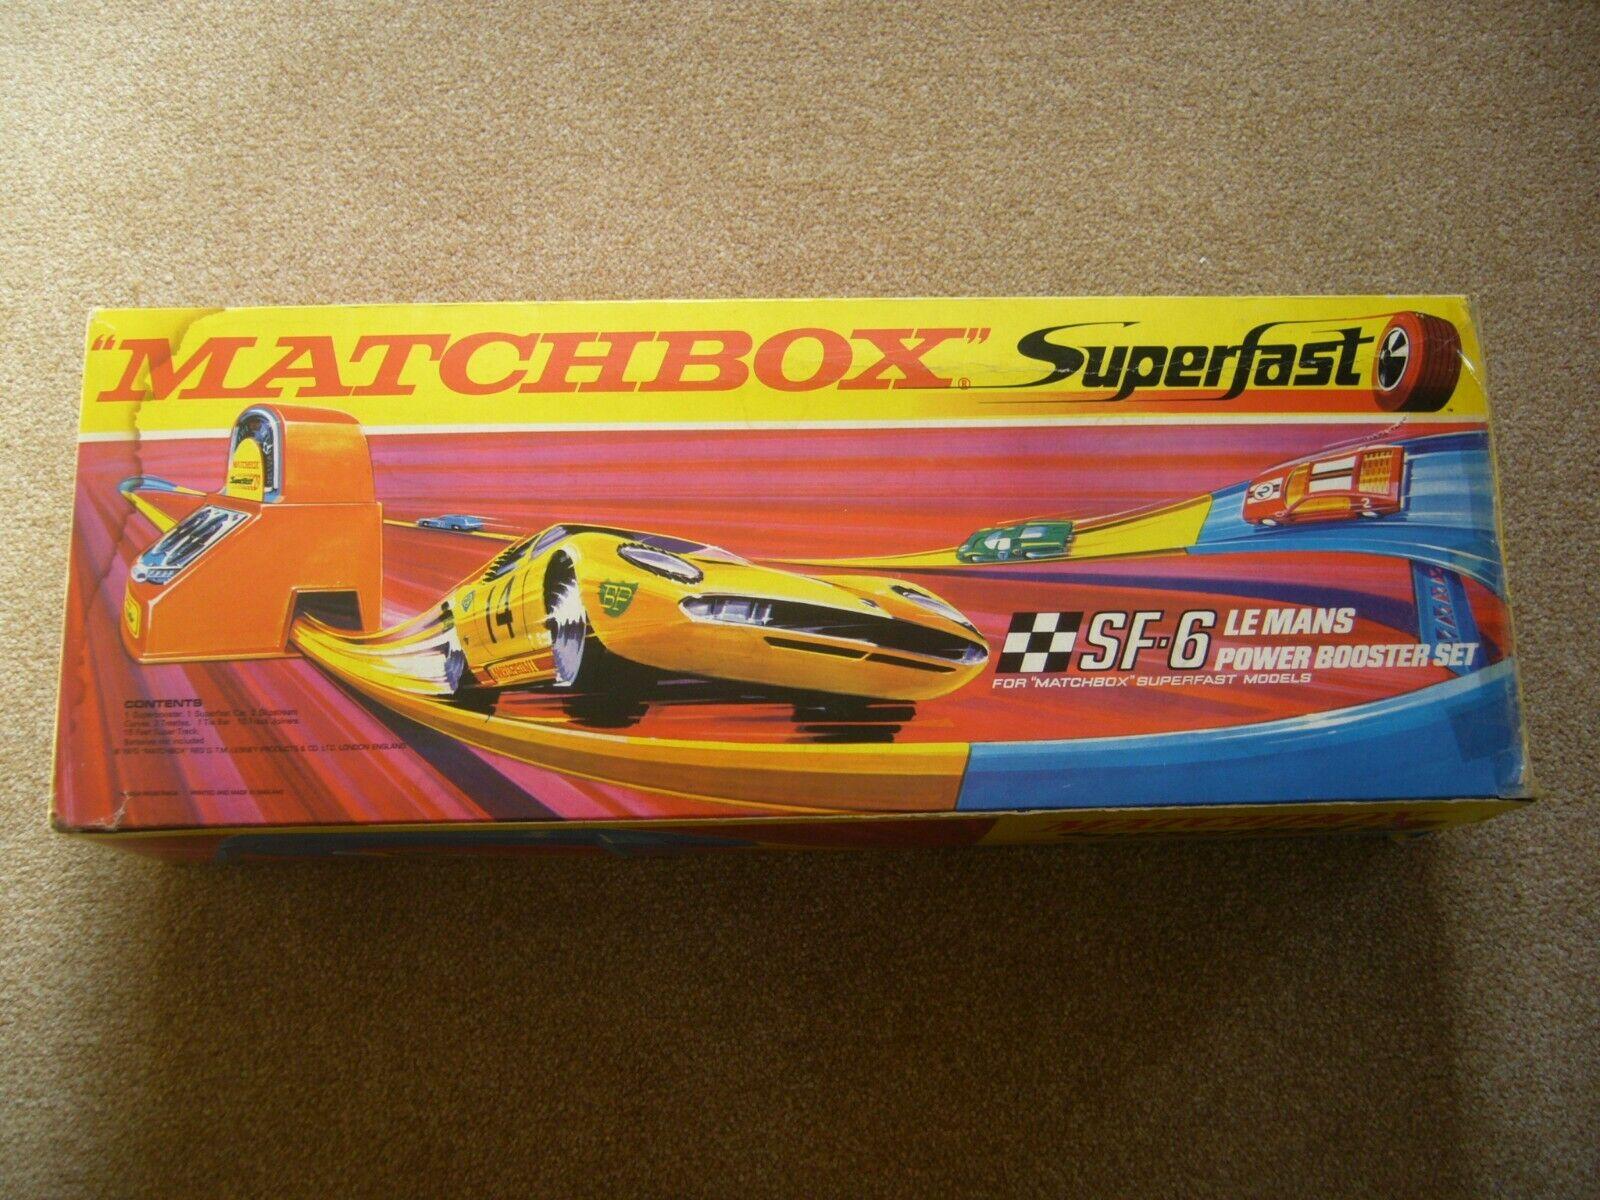 MATCHBOX SF-6 Le Mans Power Booster Set